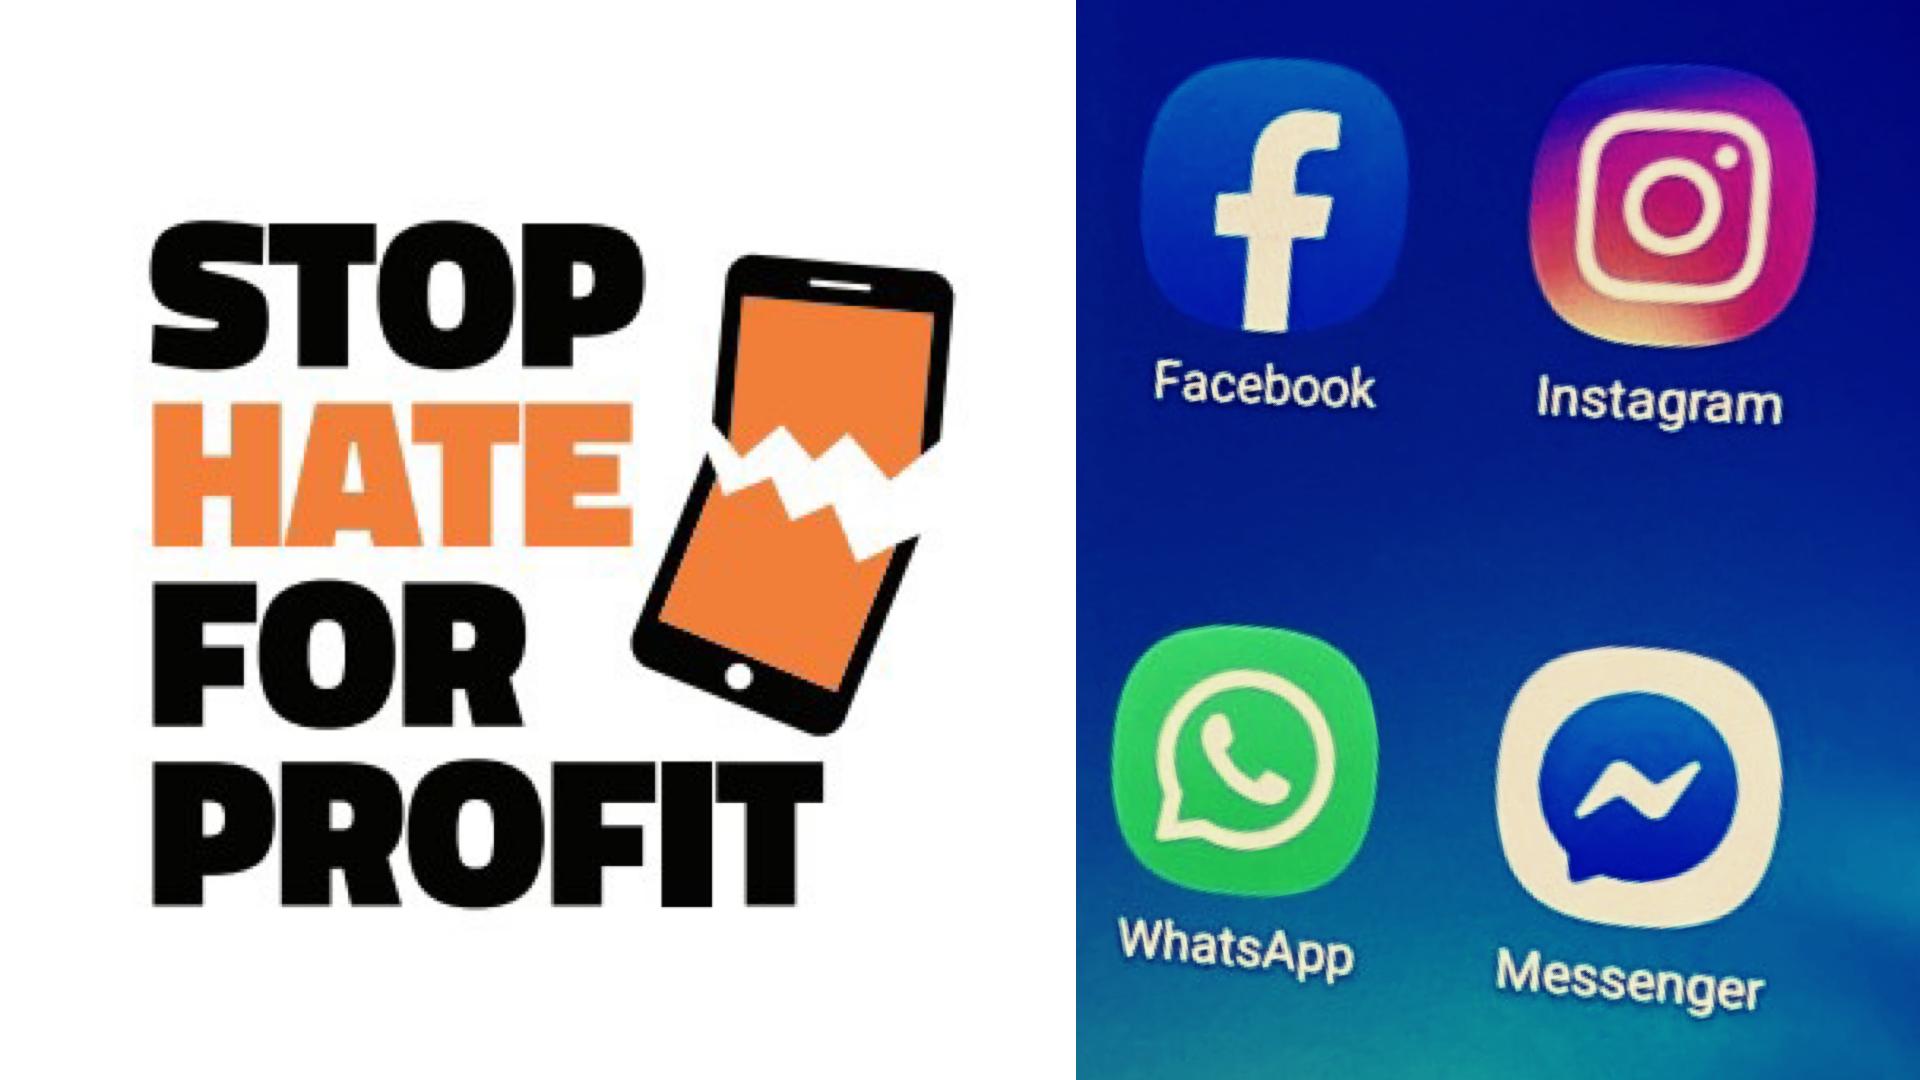 Adverteerders hebben de aandacht van Facebook met #StopHateforProfit